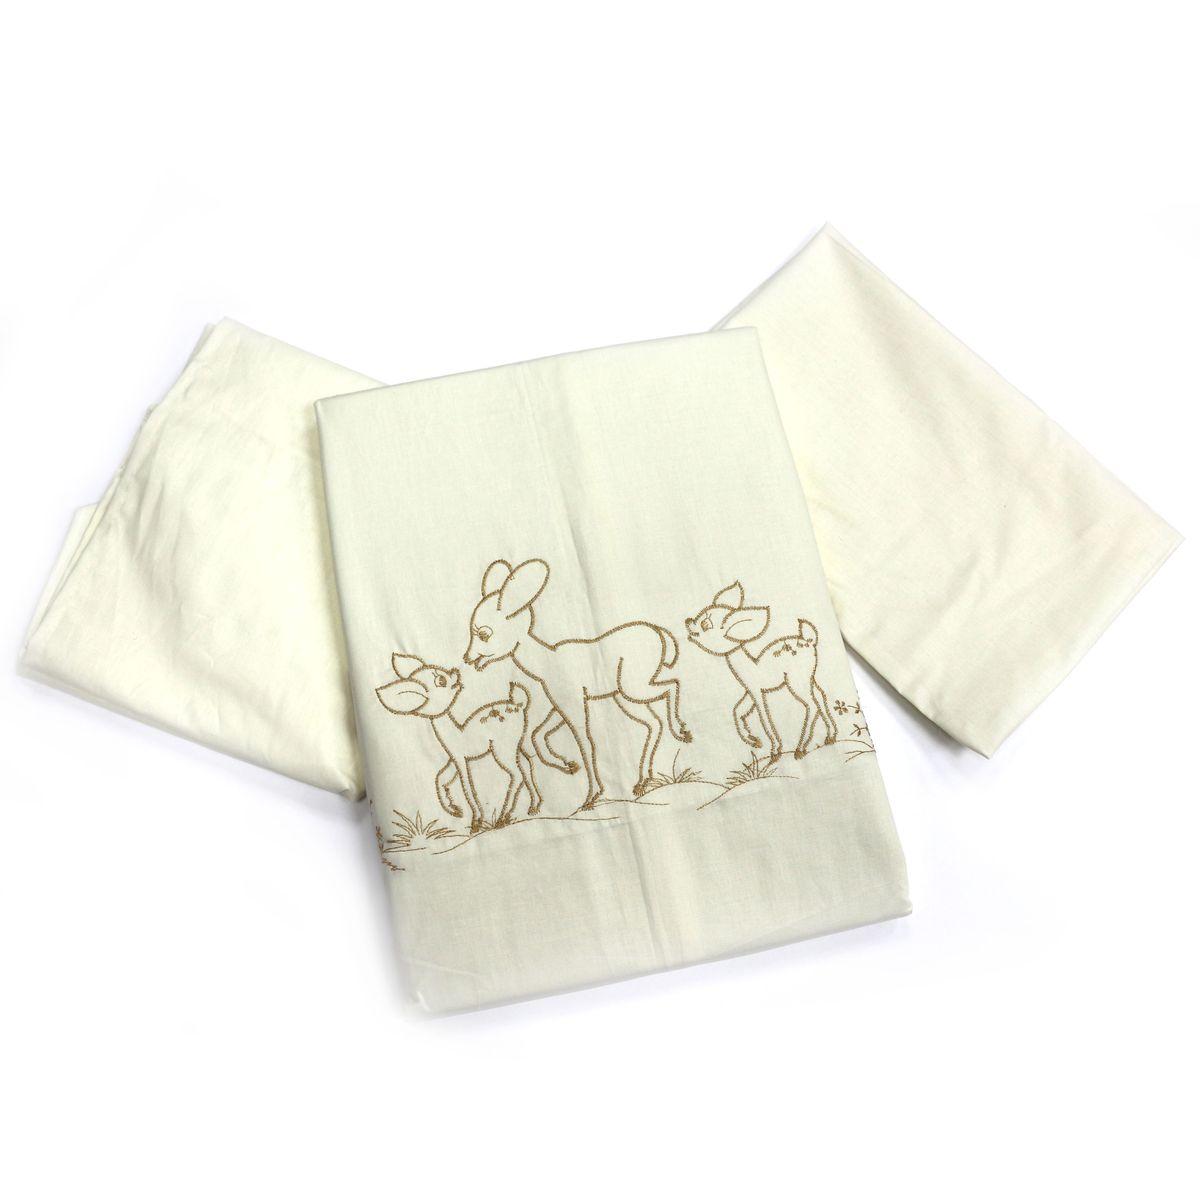 Топотушки Комплект детского постельного белья Бамбино цвет бежевый4630008873922Изысканный и нежный комплект! Безукоризненное сочетание стиля и нежности создают комфорт Вашему малышу и обеспечат ему спокойный и здоровый сон. Сменный комплект постельного белья из 3 предметов для детской кроватки. Комплект создает для Вашего ребенка уют, комфорт и безопасную среду с рождения; современный дизайн и цветовые сочетания помогают ребенку адаптироваться в новом для него мире. Комплекты «Топотушки» хорошо вписываются в интерьер, как детской комнаты, так и в спальни родителей. Как и все изделия «Топотушки» данный комплект отражает самые последние технологии, является безопасным для малыша и экологичным. Российское происхождение комплекта гарантирует стабильно высокое качество, соответствие актуальным пожеланиям потребителей, конкурентоспособную цену. Наволочка 40х60см, пододеяльник 147х112см, простынь на резинке 120х60см